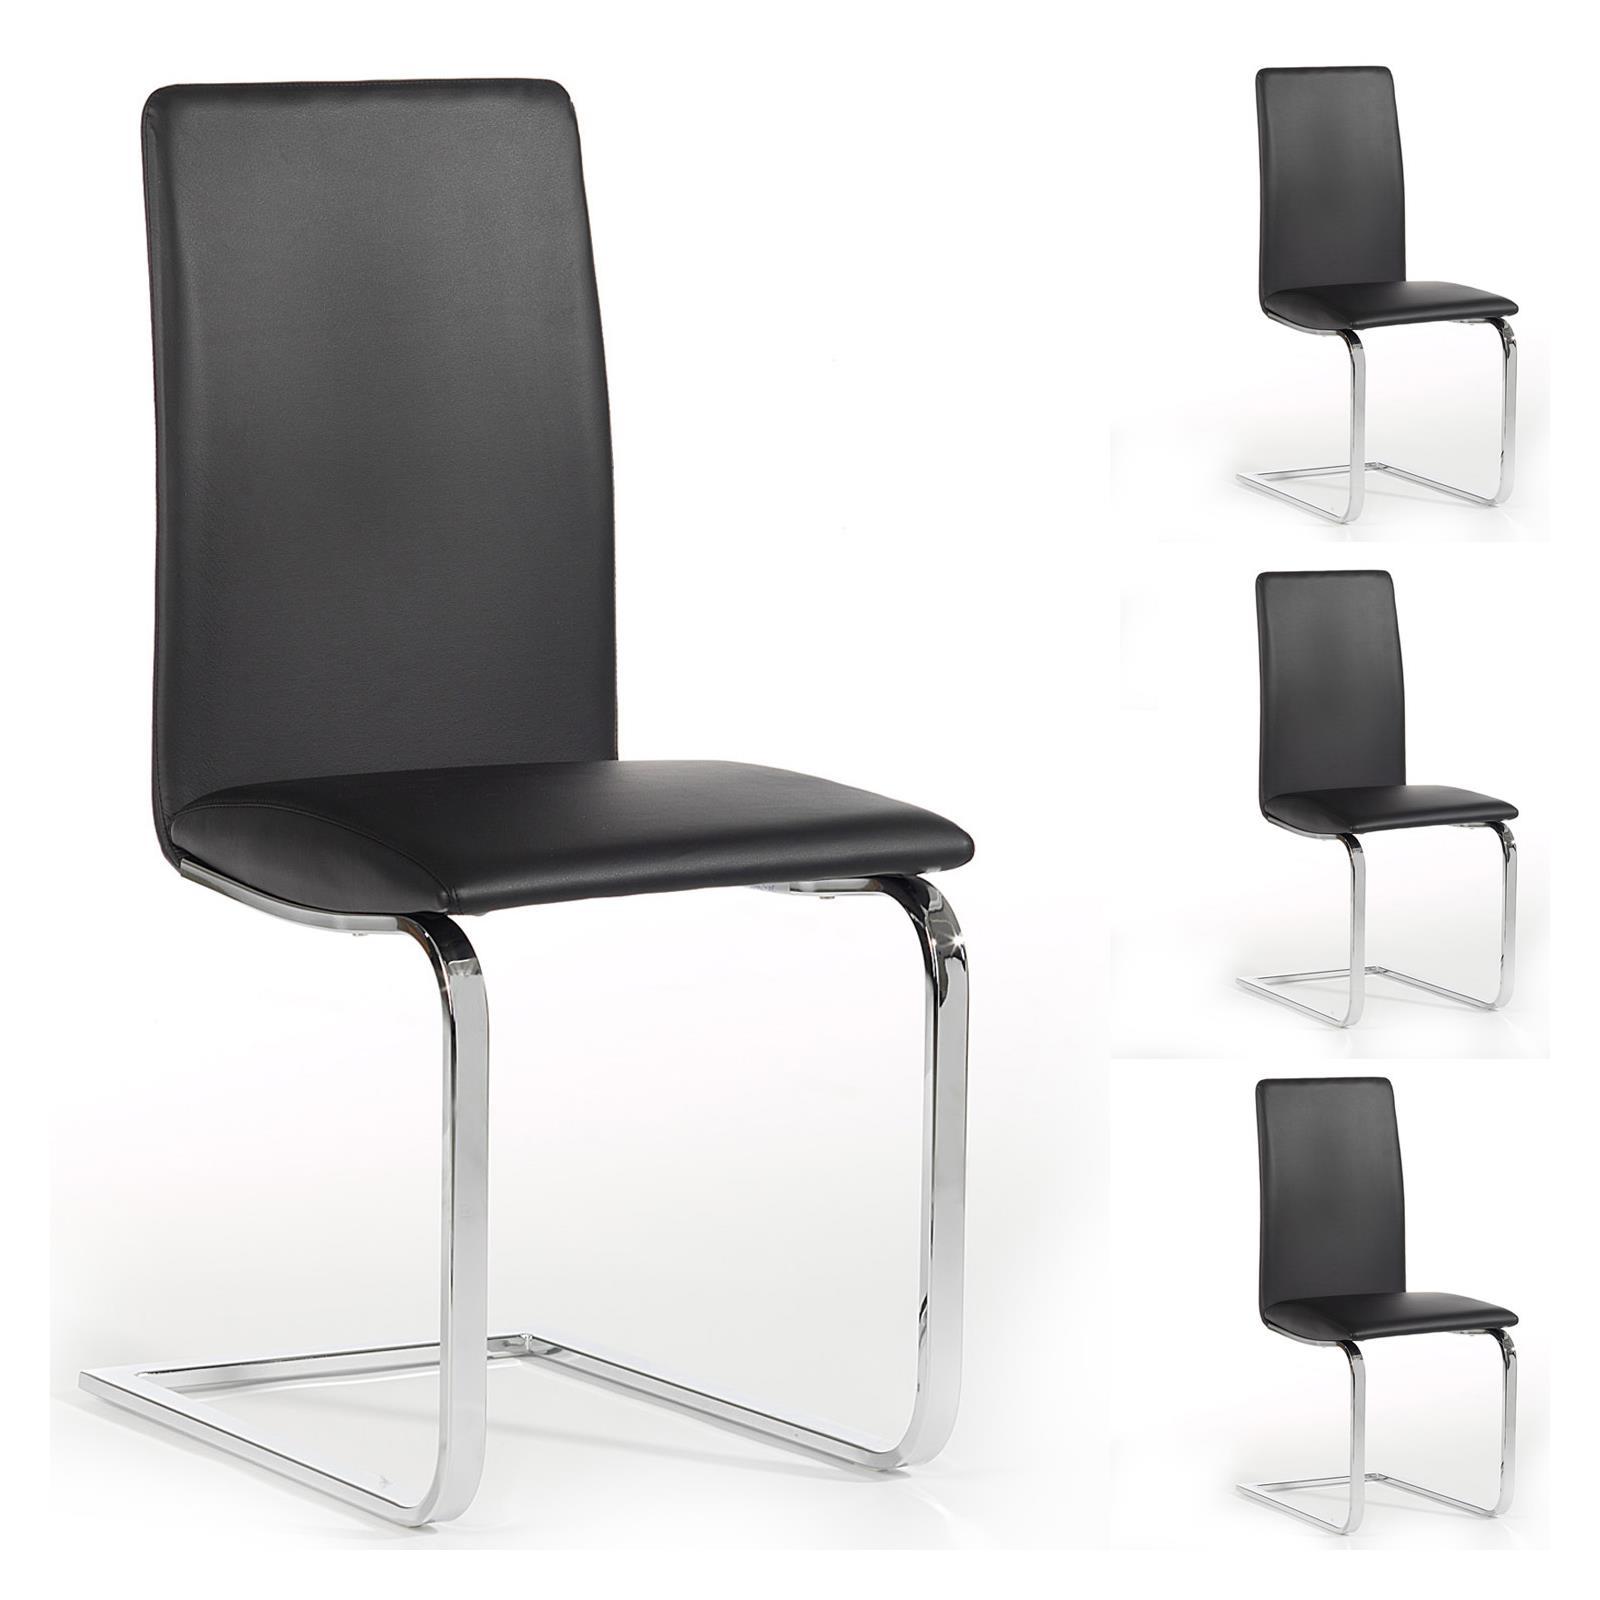 4er set schwingstuhl angelo in schwarz mobilia24. Black Bedroom Furniture Sets. Home Design Ideas